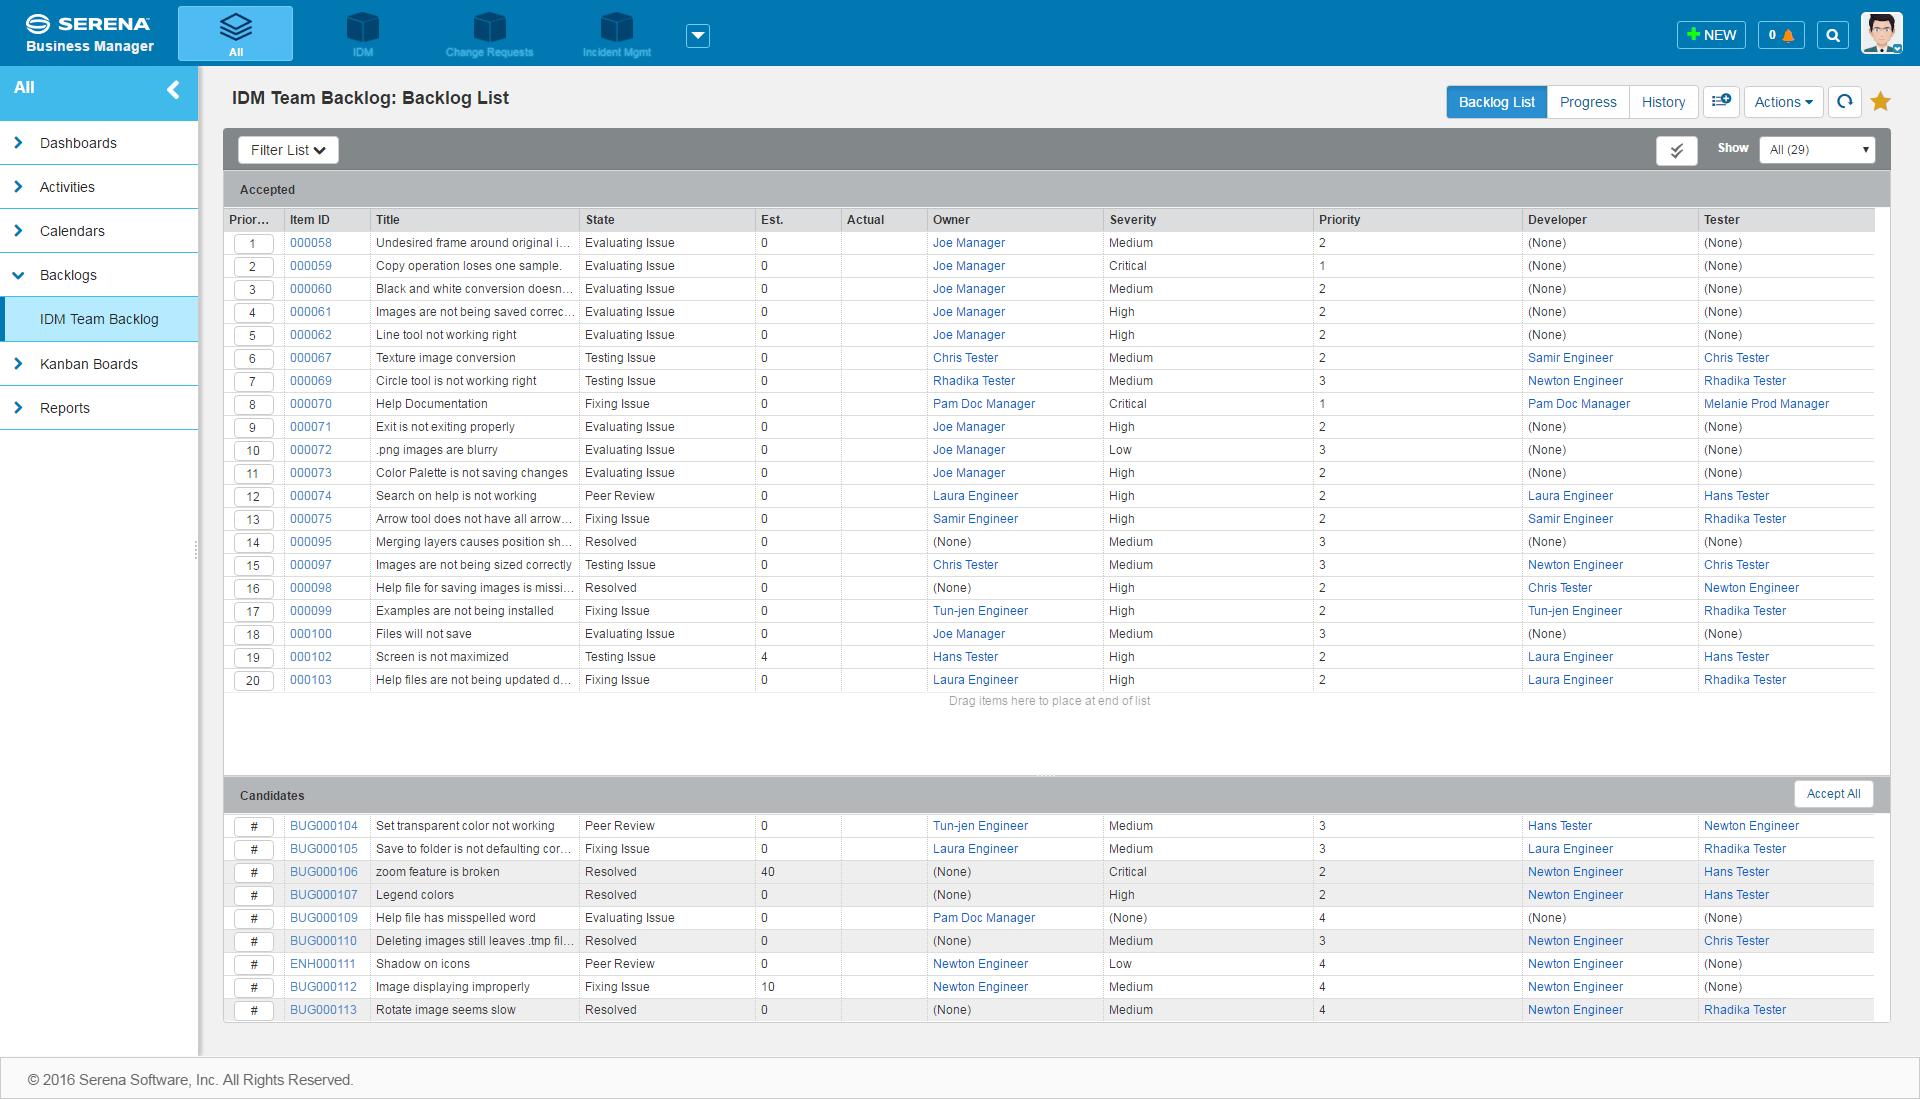 Serena выпускает версию 11.1 своей BPM платформы - 3